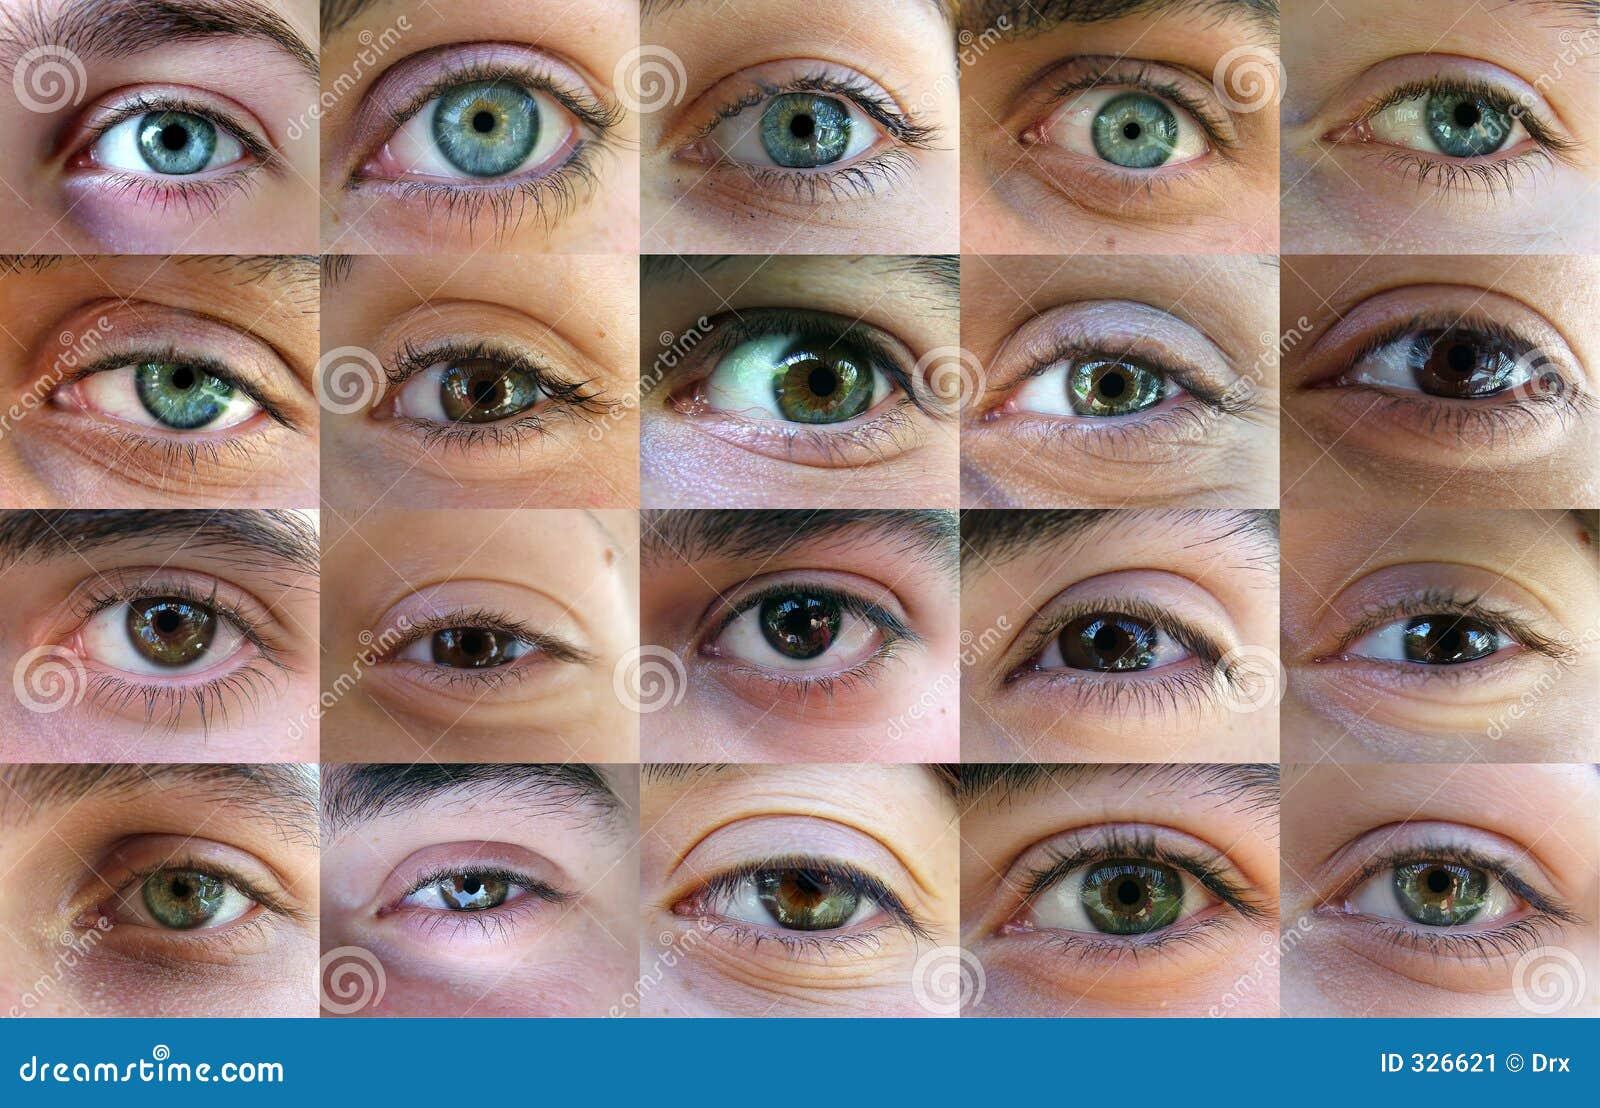 Eye, los ojos - muchos ojos